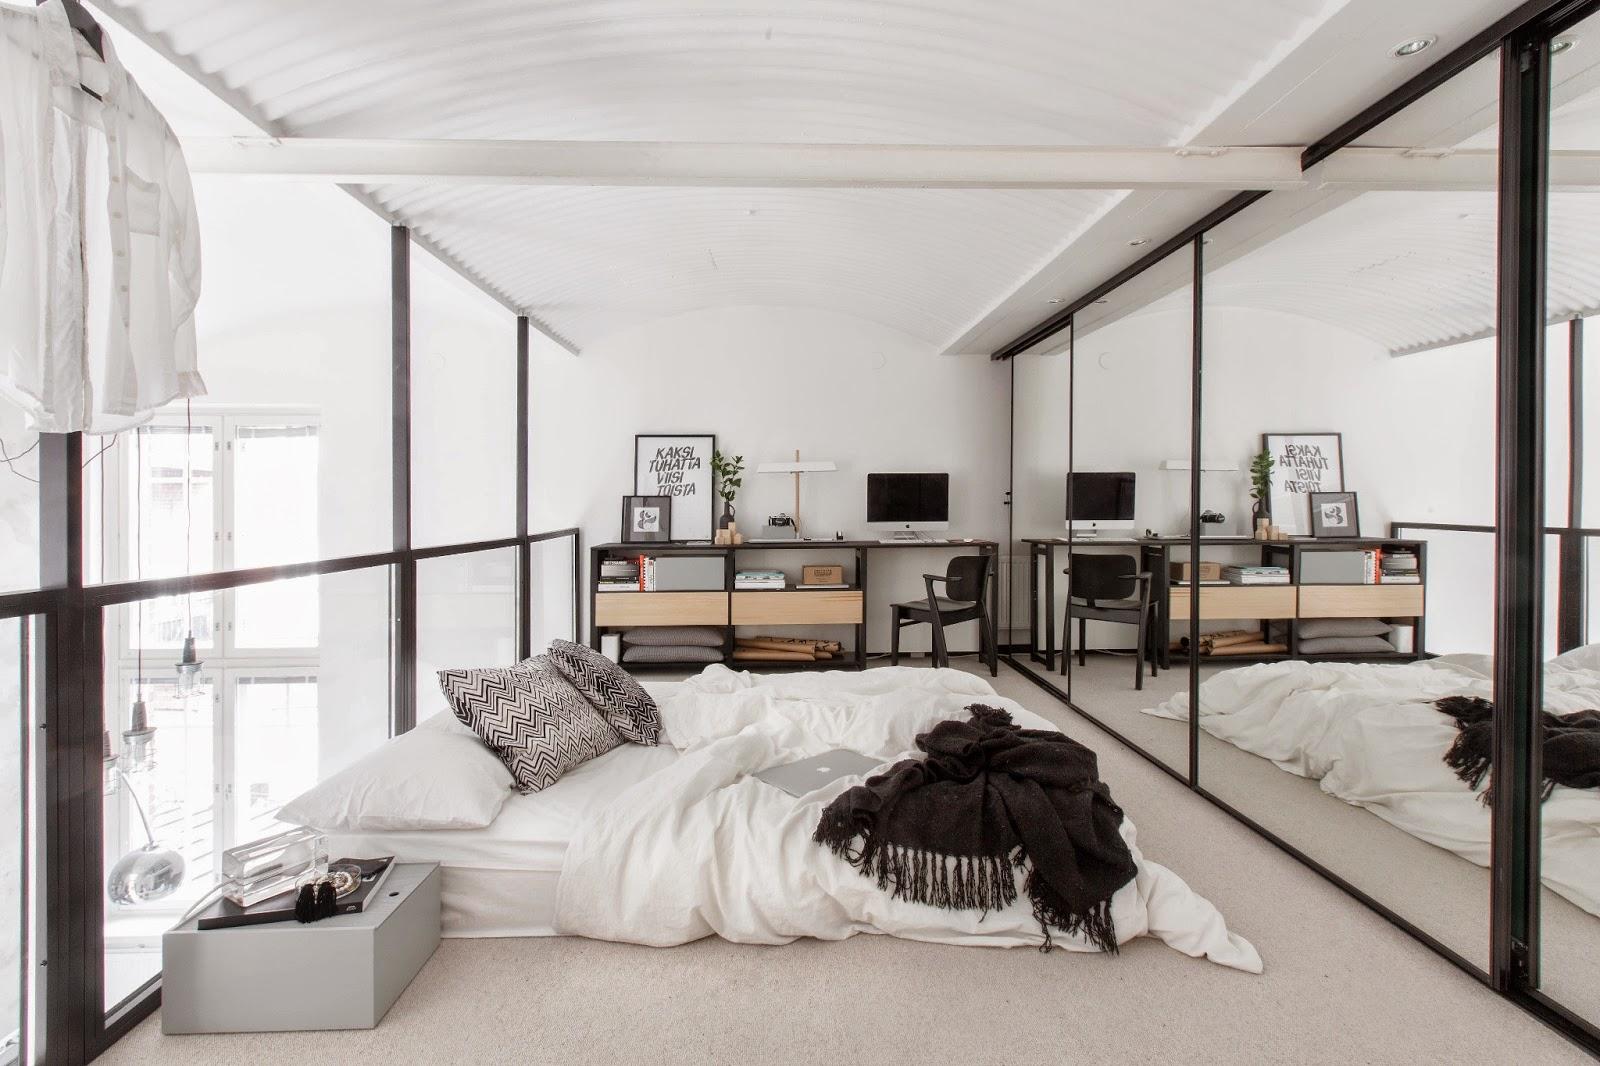 soggiorni open space: vovell.com armadio con vano tv mondo ... - Soggiorno Cucina Open Space 30 Mq